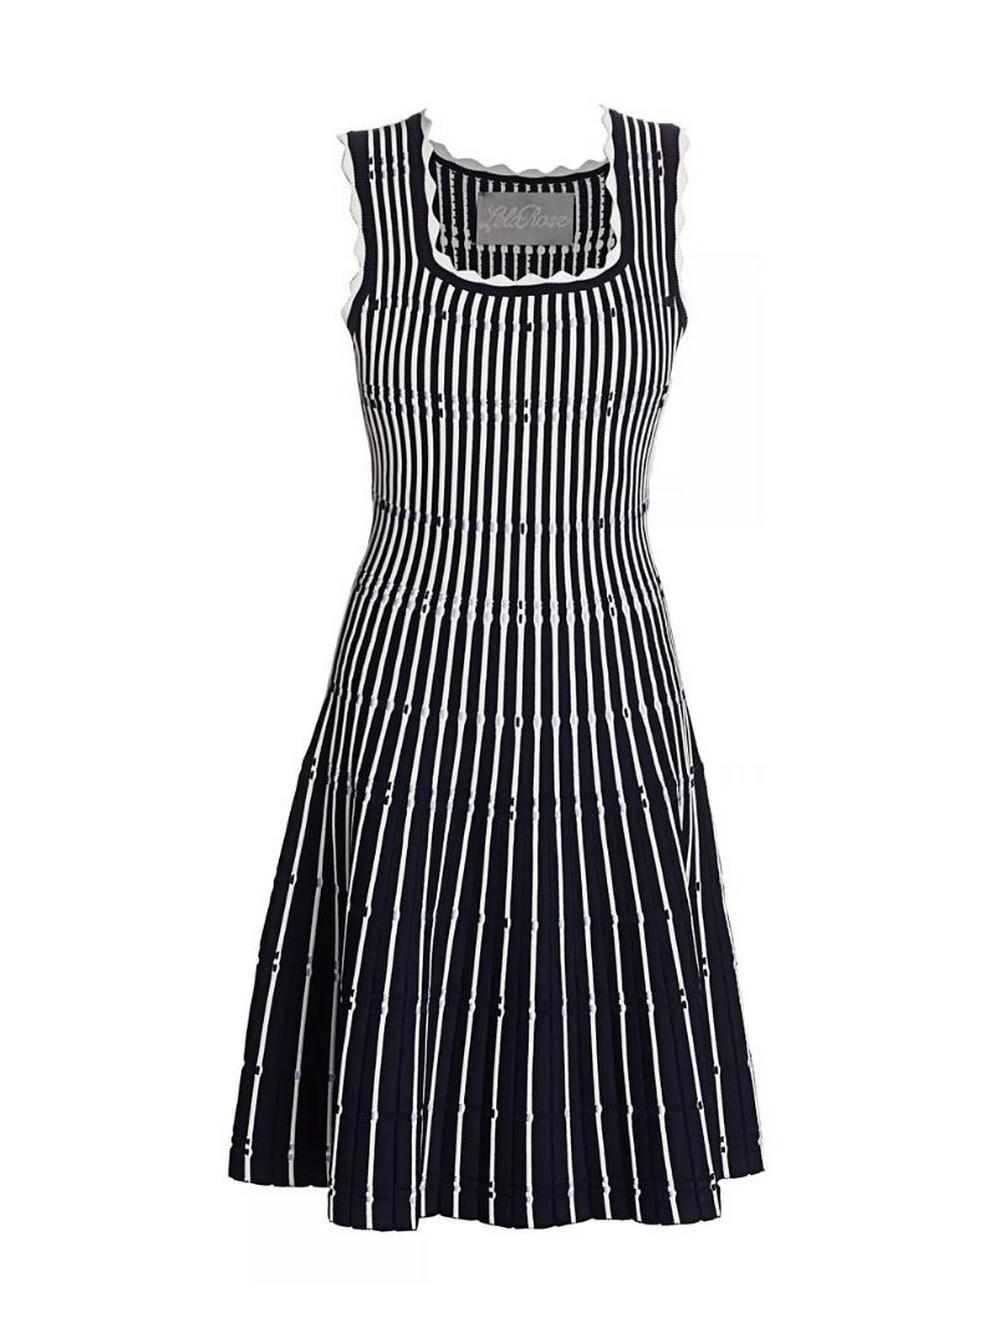 Knit Sleeveless Dress Item # PF20KN3556